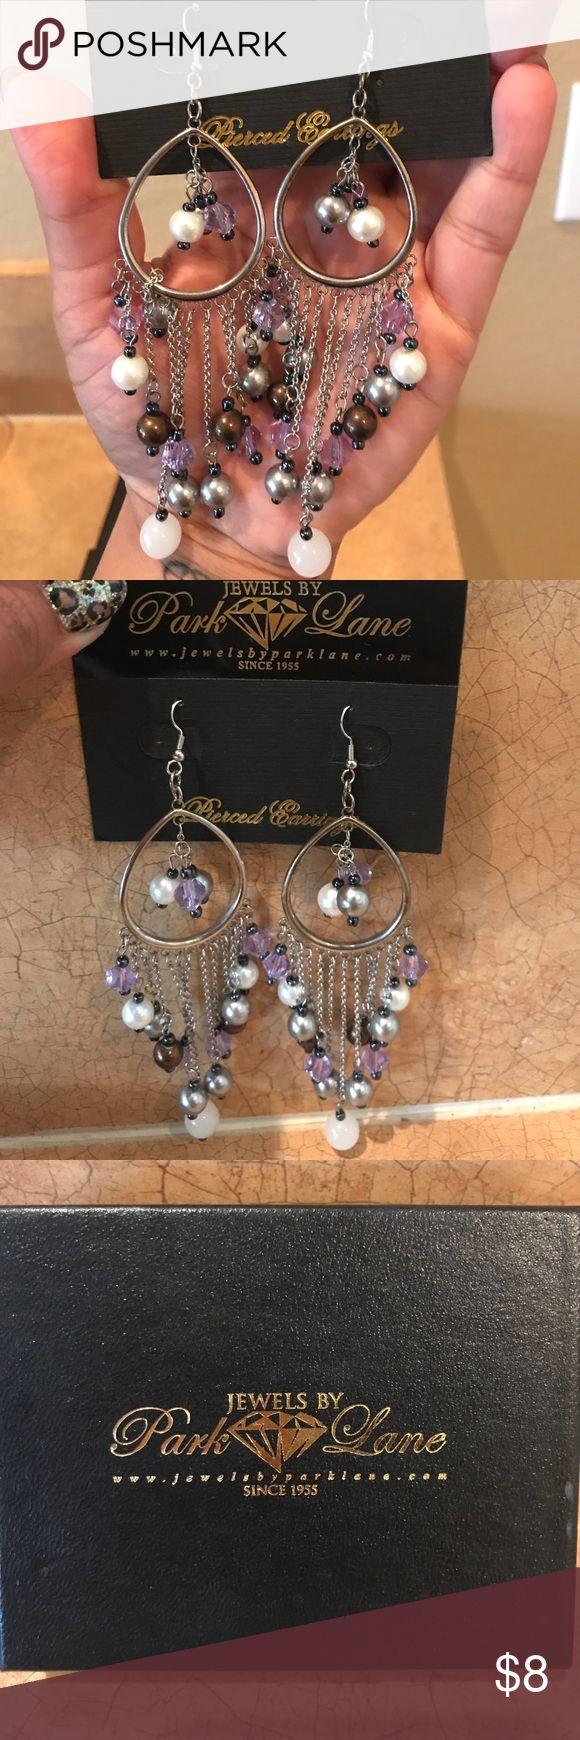 Park Lane Earrings Beautiful multicolored dangling earrings. Never used. Park Lane Jewelry Earrings